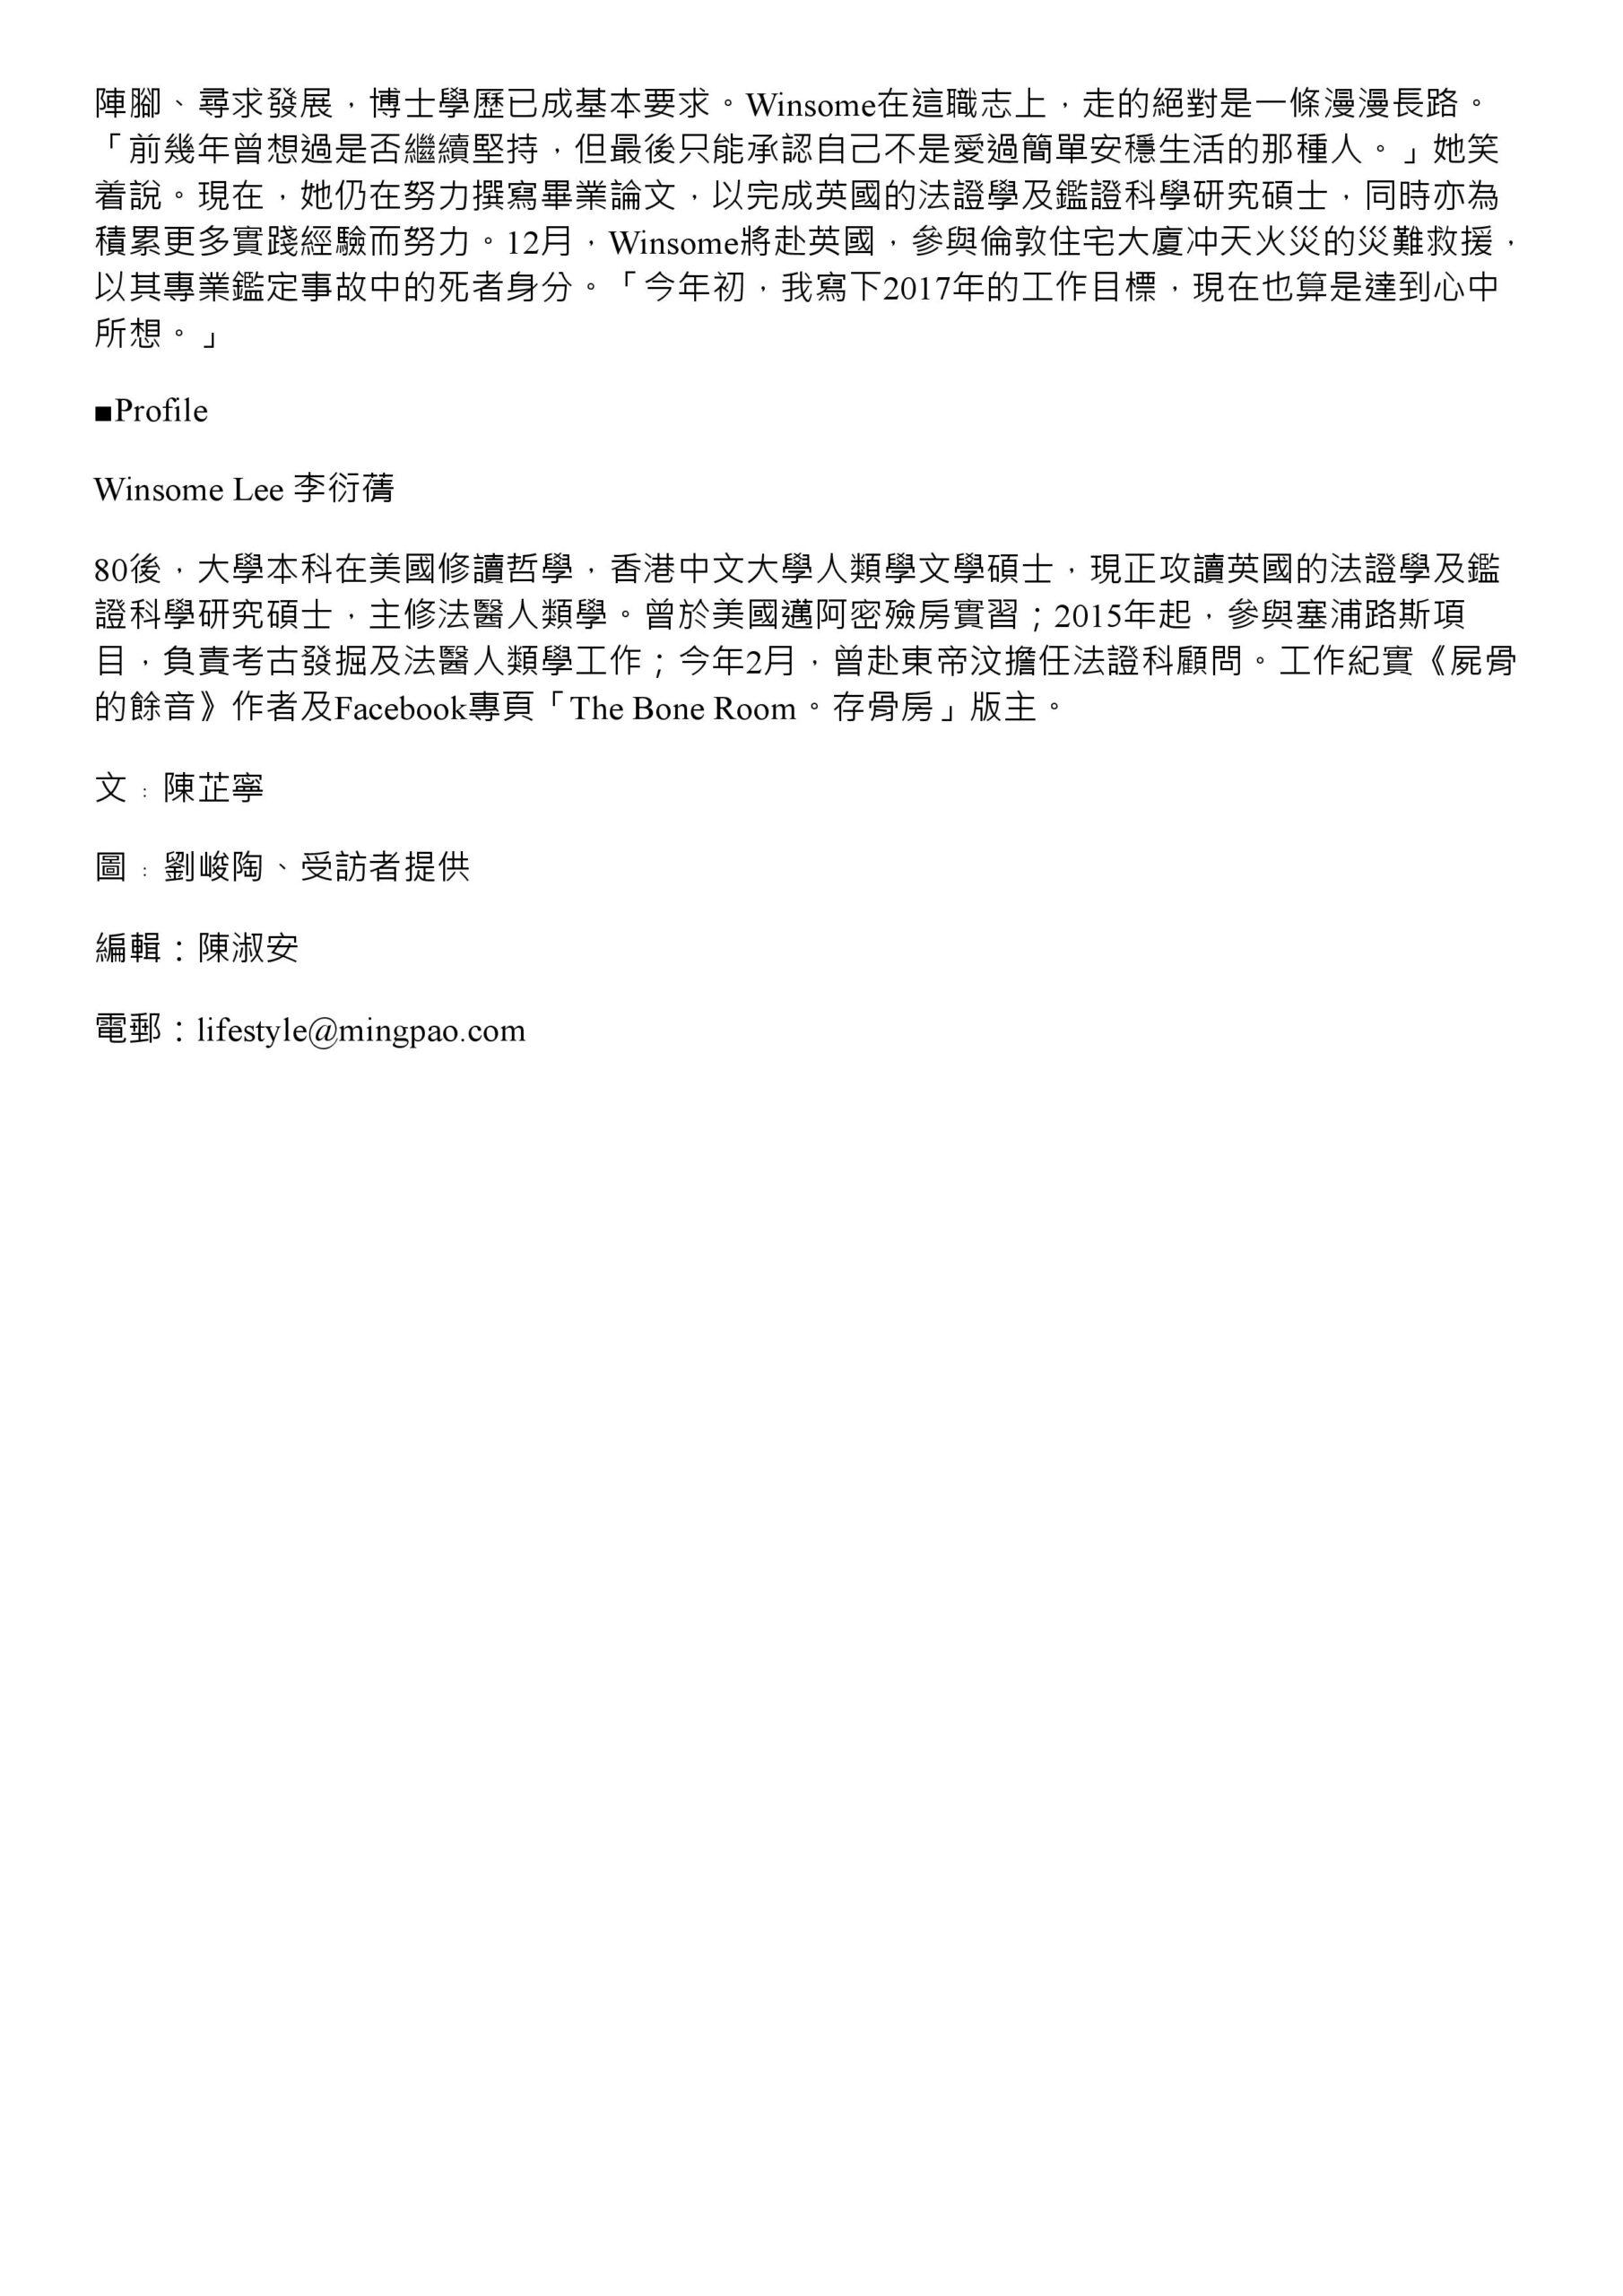 法醫人類學 為亡者尋回身分 李衍蒨跟腐屍和人骨打交道-page-003